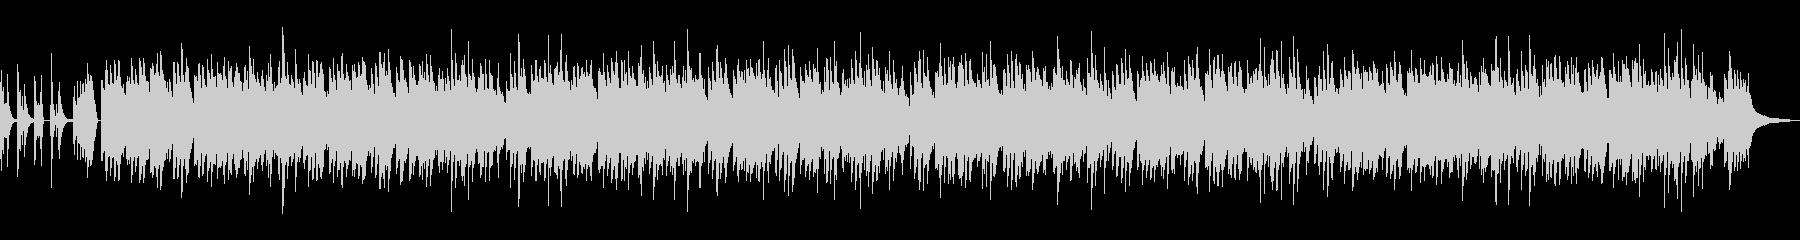 イントロ付郷愁のあるメロディのソロピアノの未再生の波形